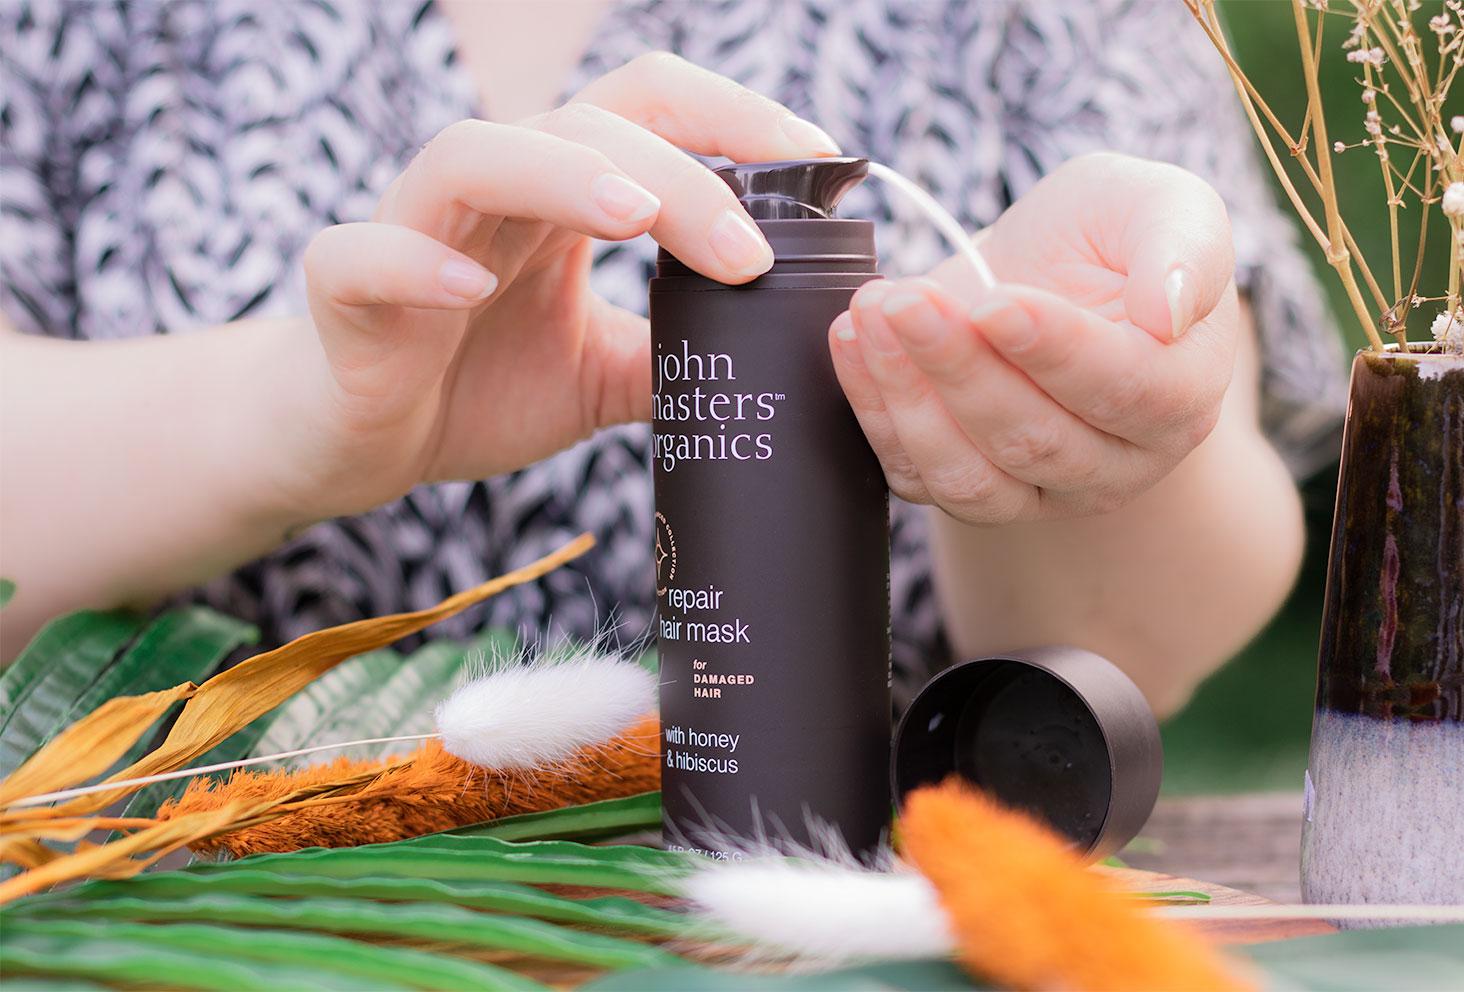 Utilisation entre les mains de la pompe du masque pour cheveux abîmés de John Masters Organics